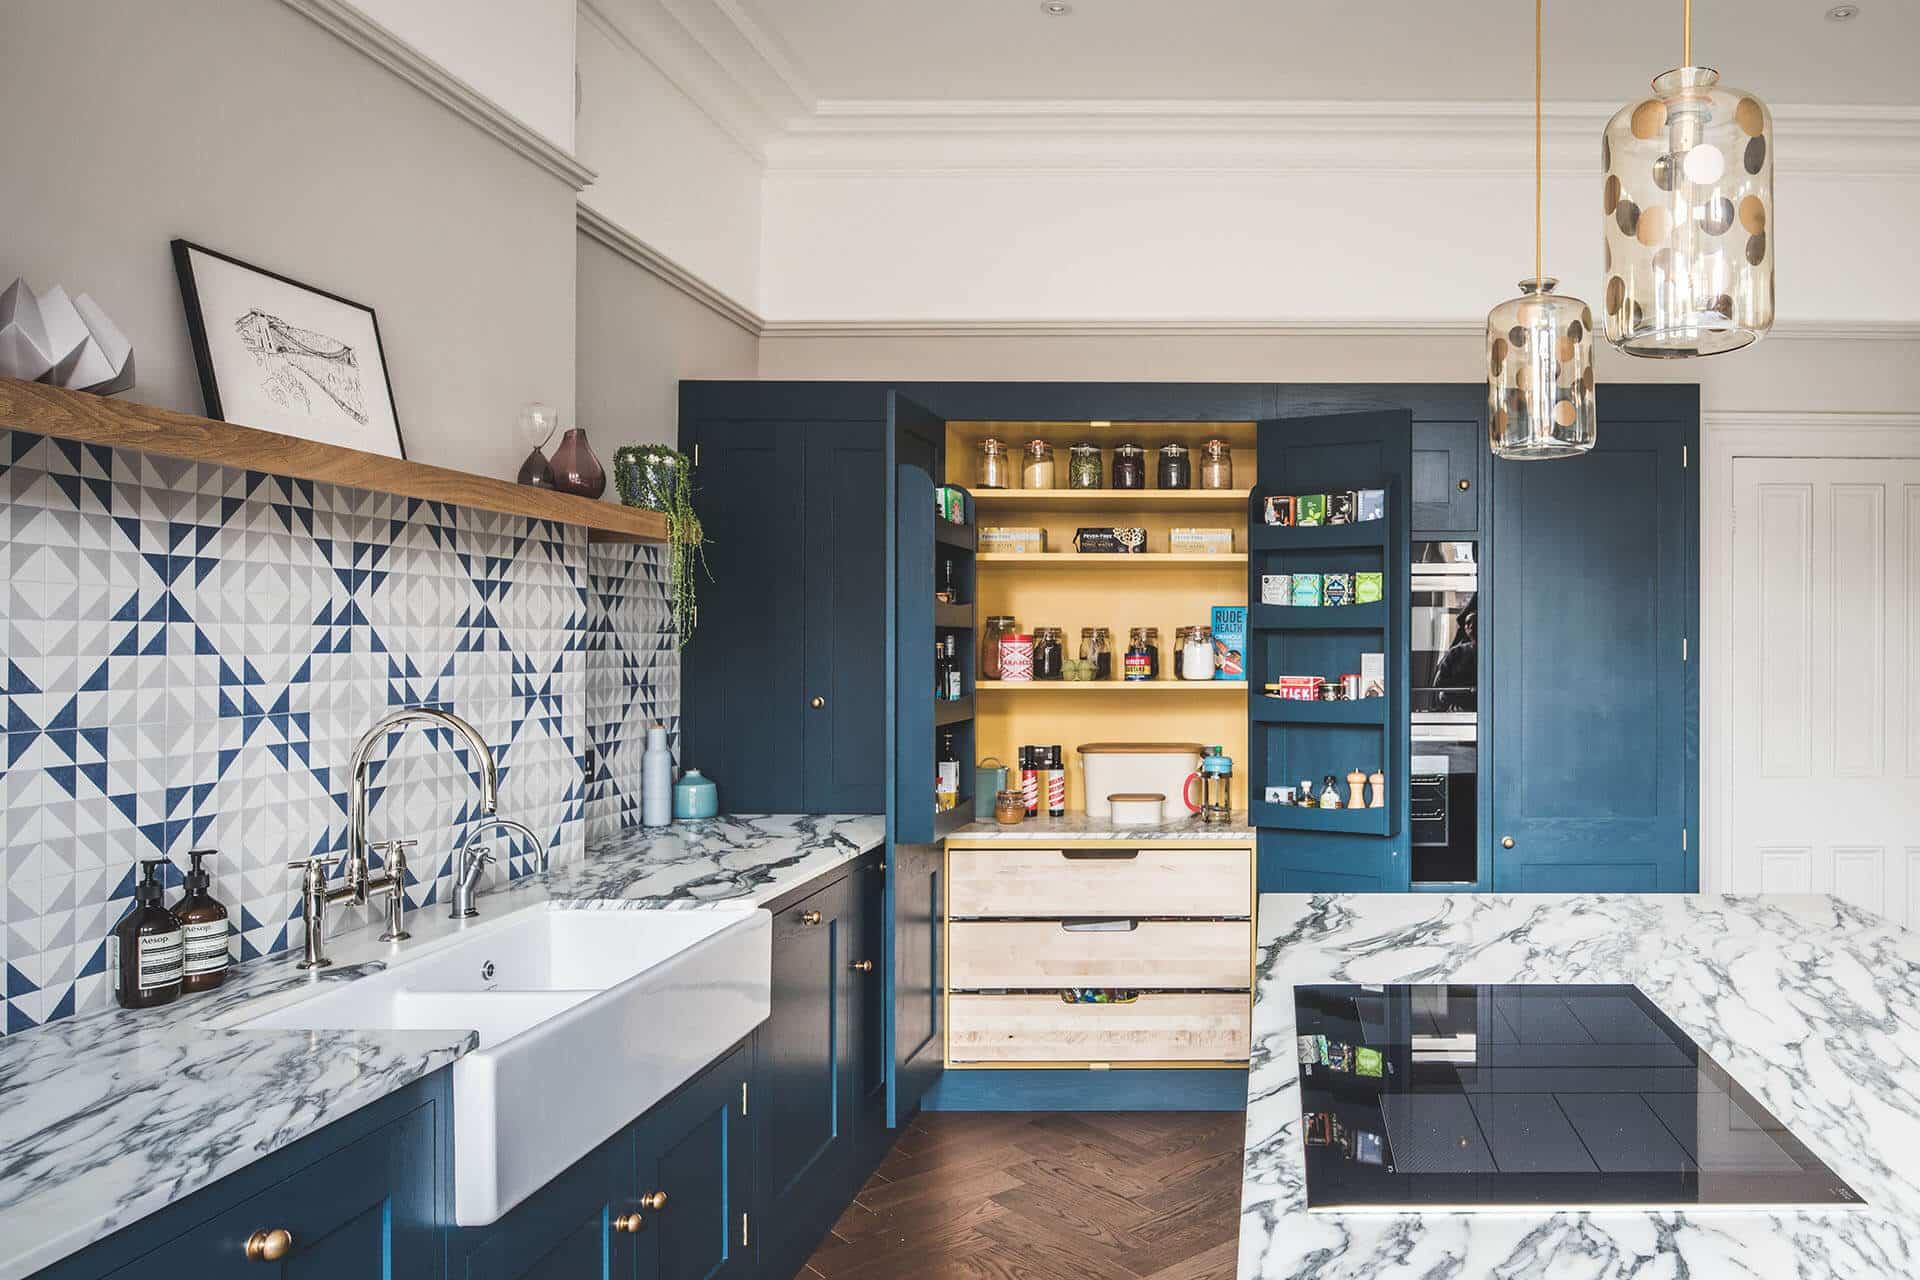 Kitchen Cabinets Painted Dark Blue